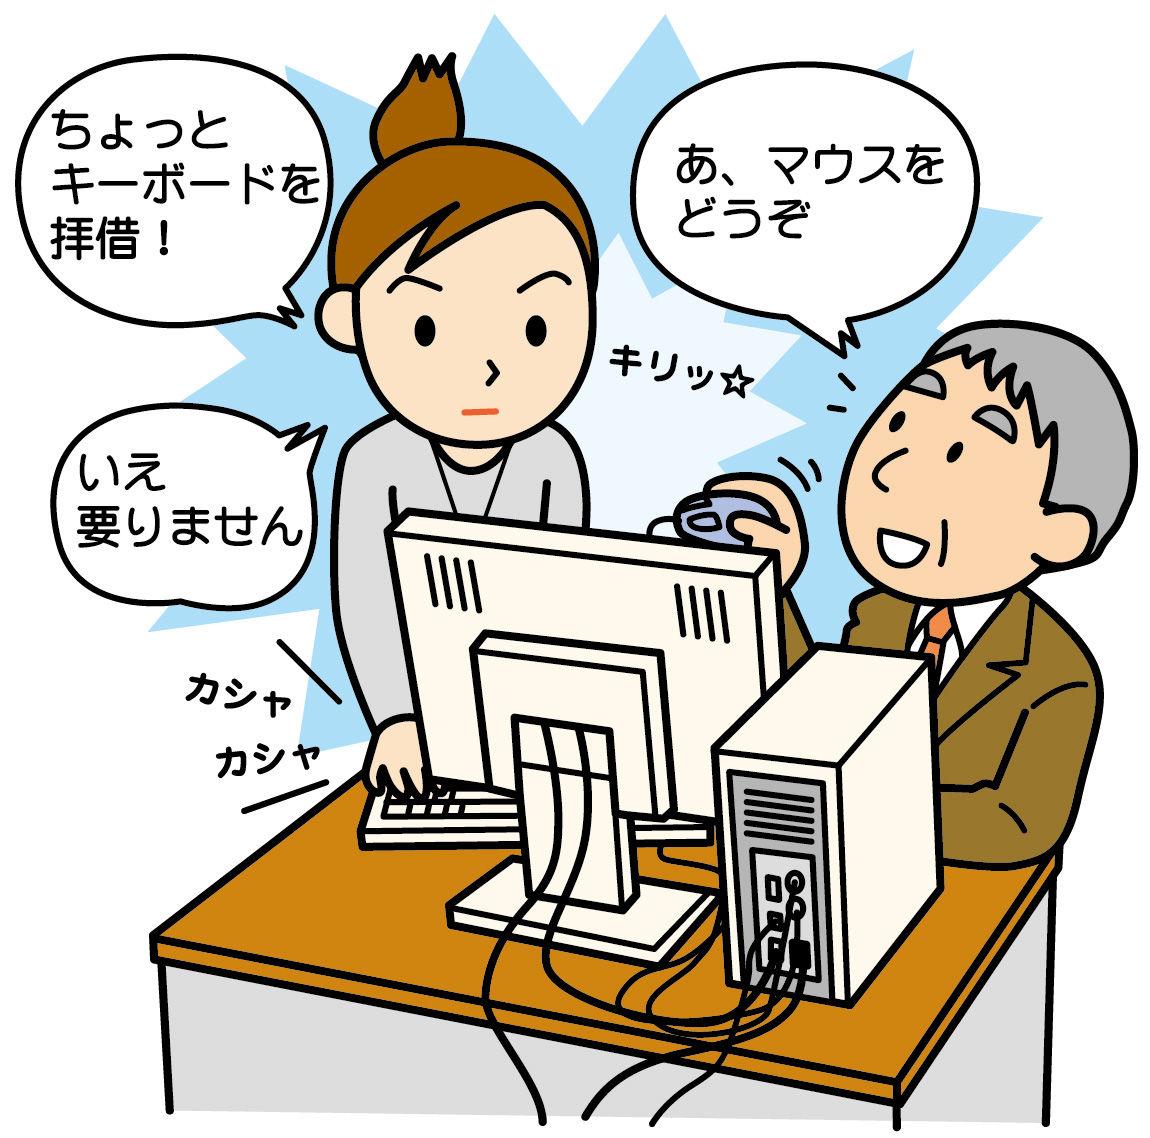 マウス無しでも巧みにパソコンを操作できるSE(システムエンジニア)- Copyright (C) viva-se.net システムエンジニアの仕事